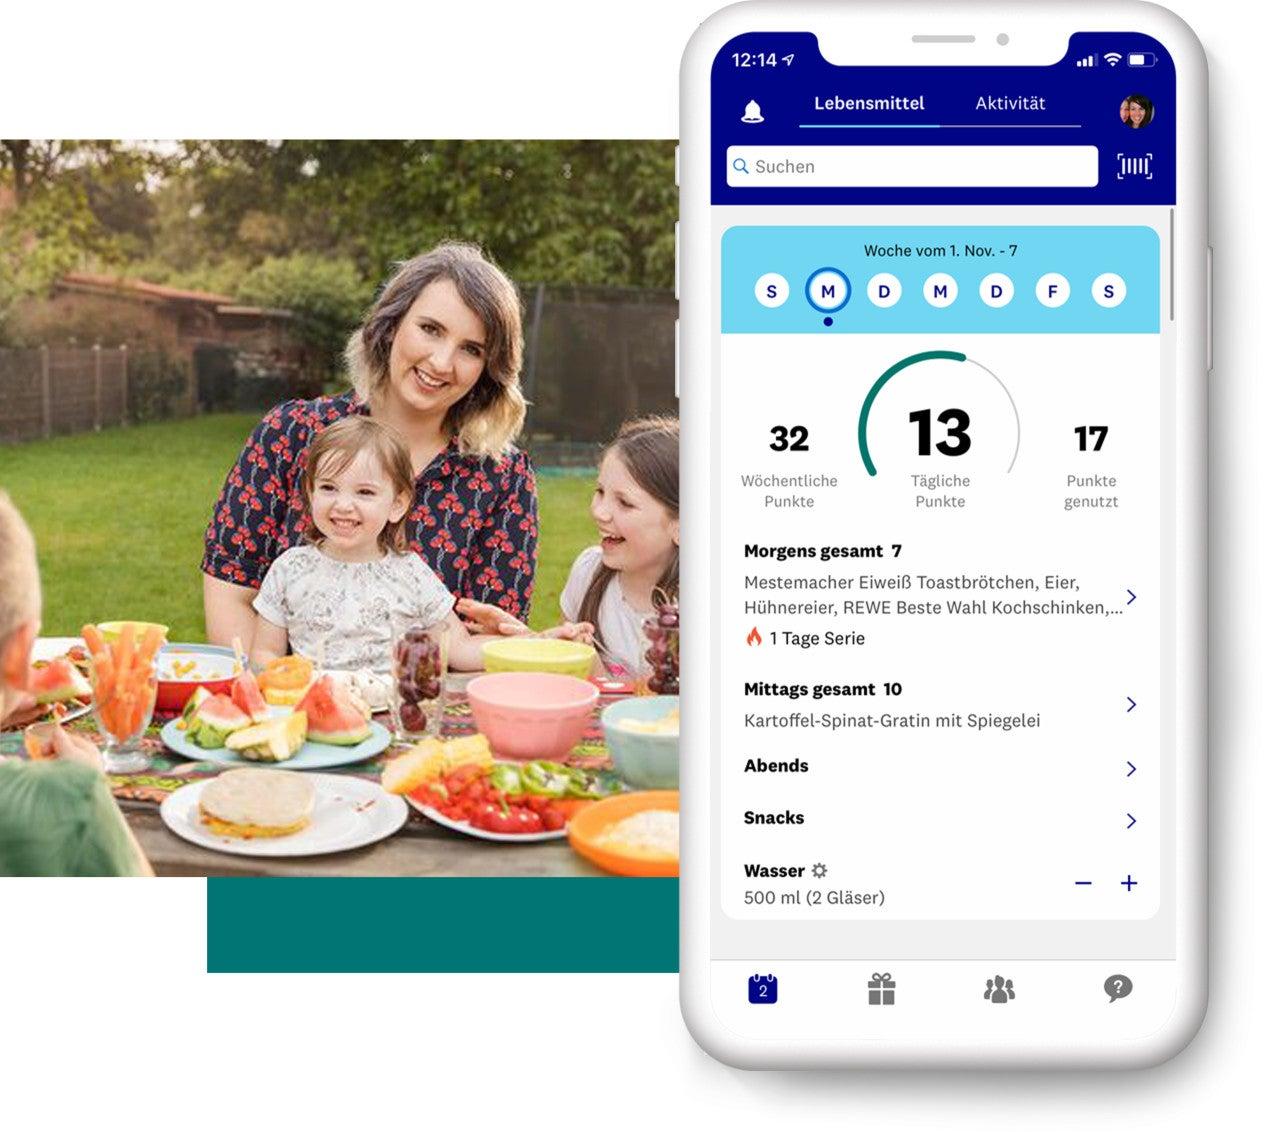 WW Mitglied Sofie mit ihren Kindern am Tisch, daneben eine Vorschau der App